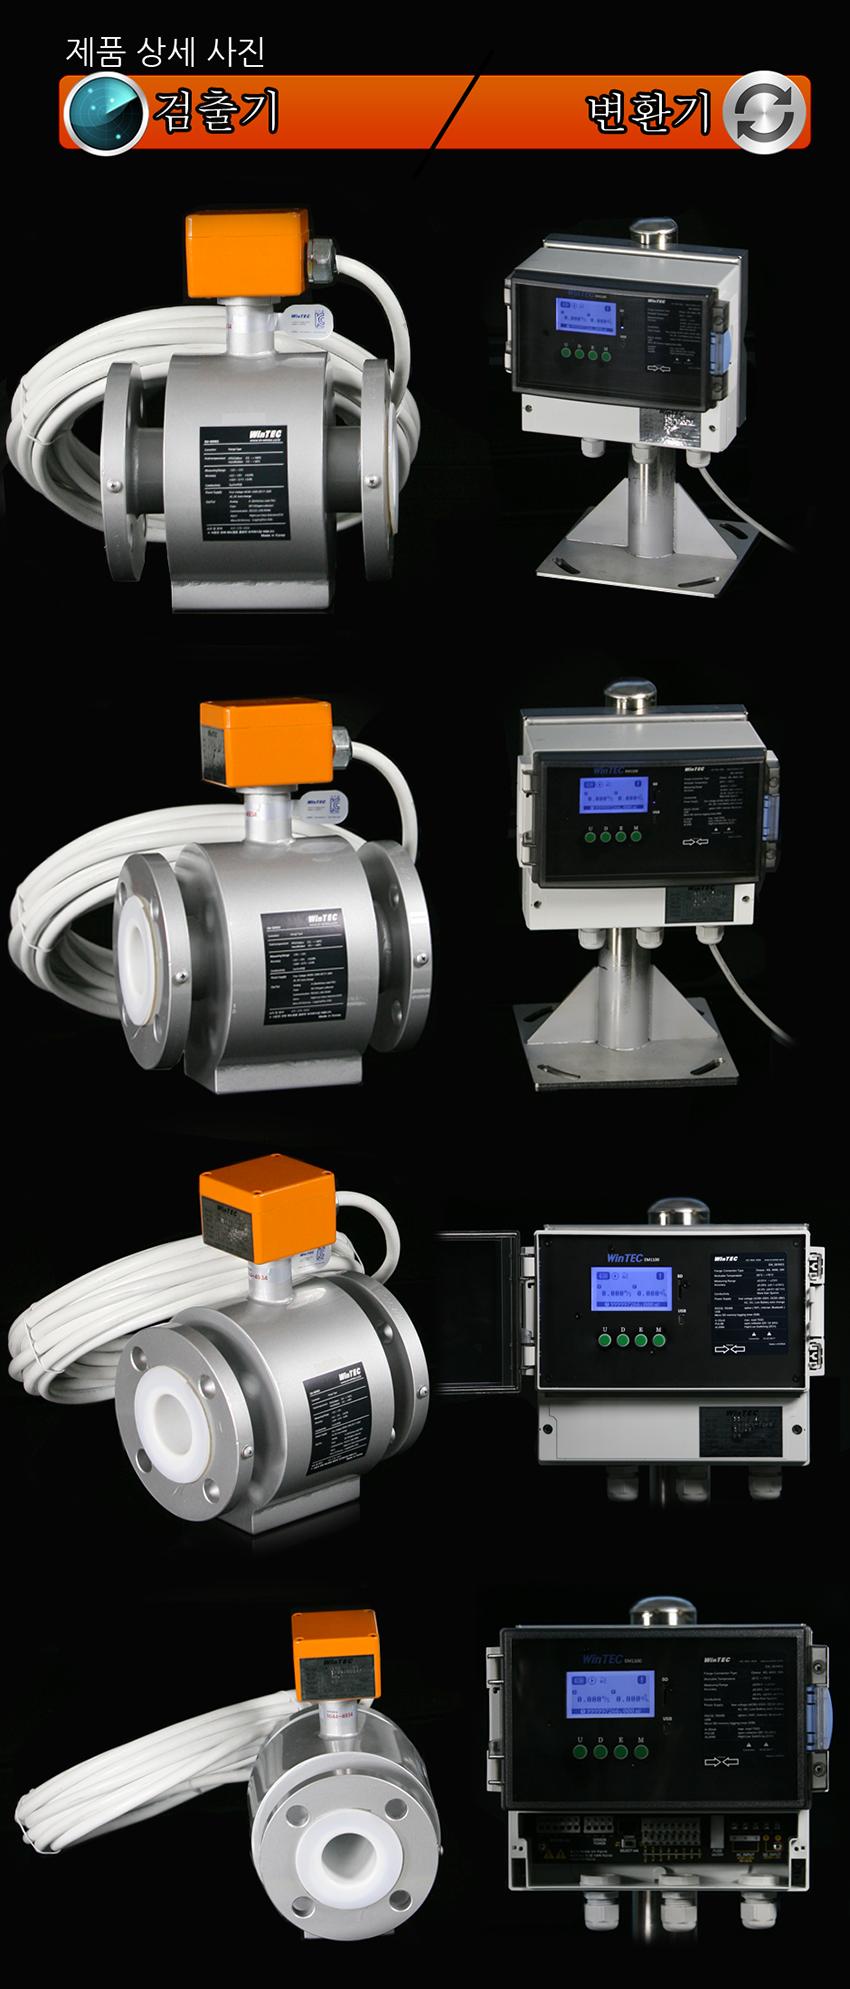 (주)윈텍 전자유량계 EM1100 2